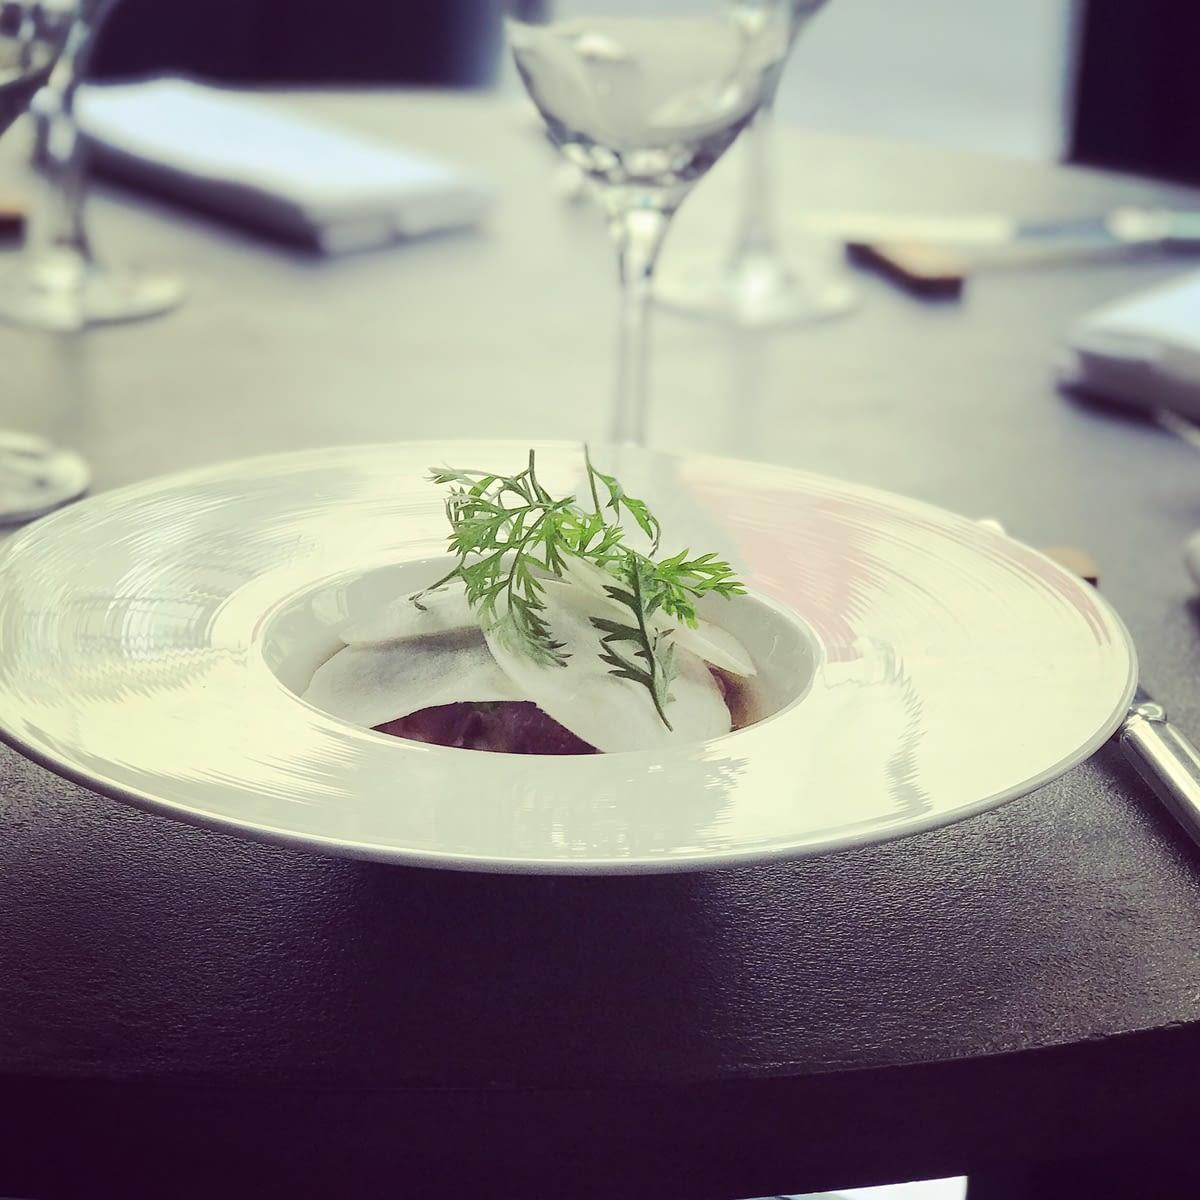 Restaurant Vivre  - 3 rue de la Michodière 75002 Paris - Millefeuille de Navet Tokyo Bonite Pesto de Fanes de Radis Sureau Fleur de Cerisier